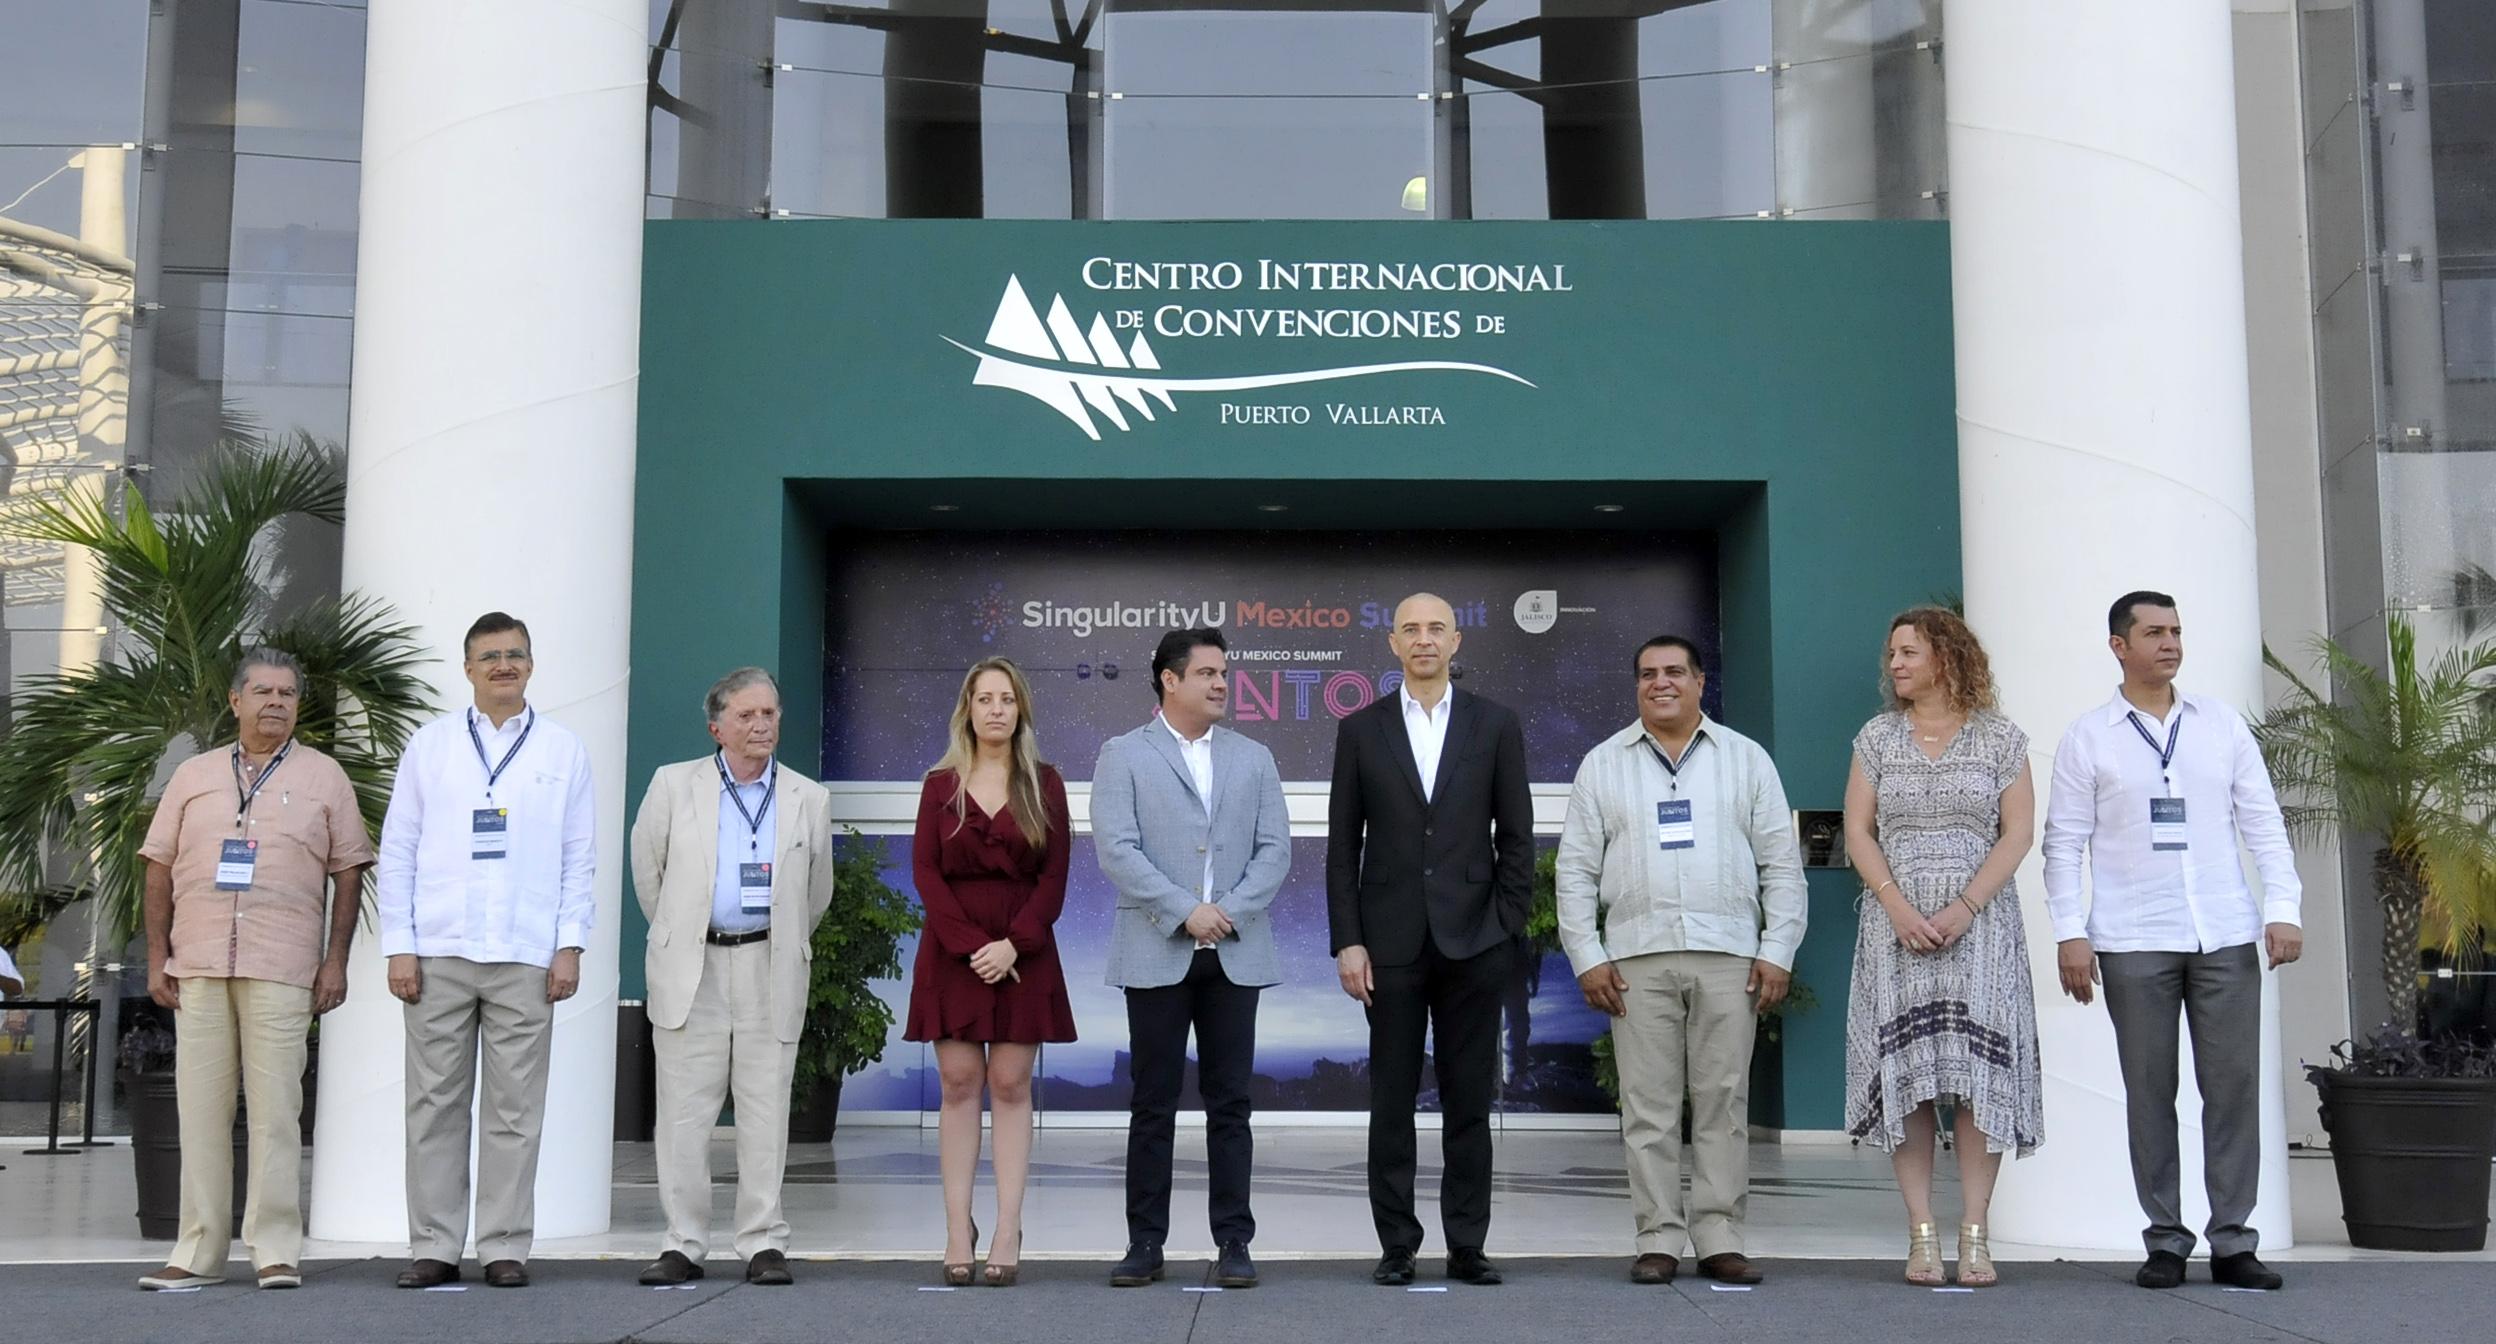 Inauguración del SingularityU Summit México en Jalisco, organizado por Singularity University